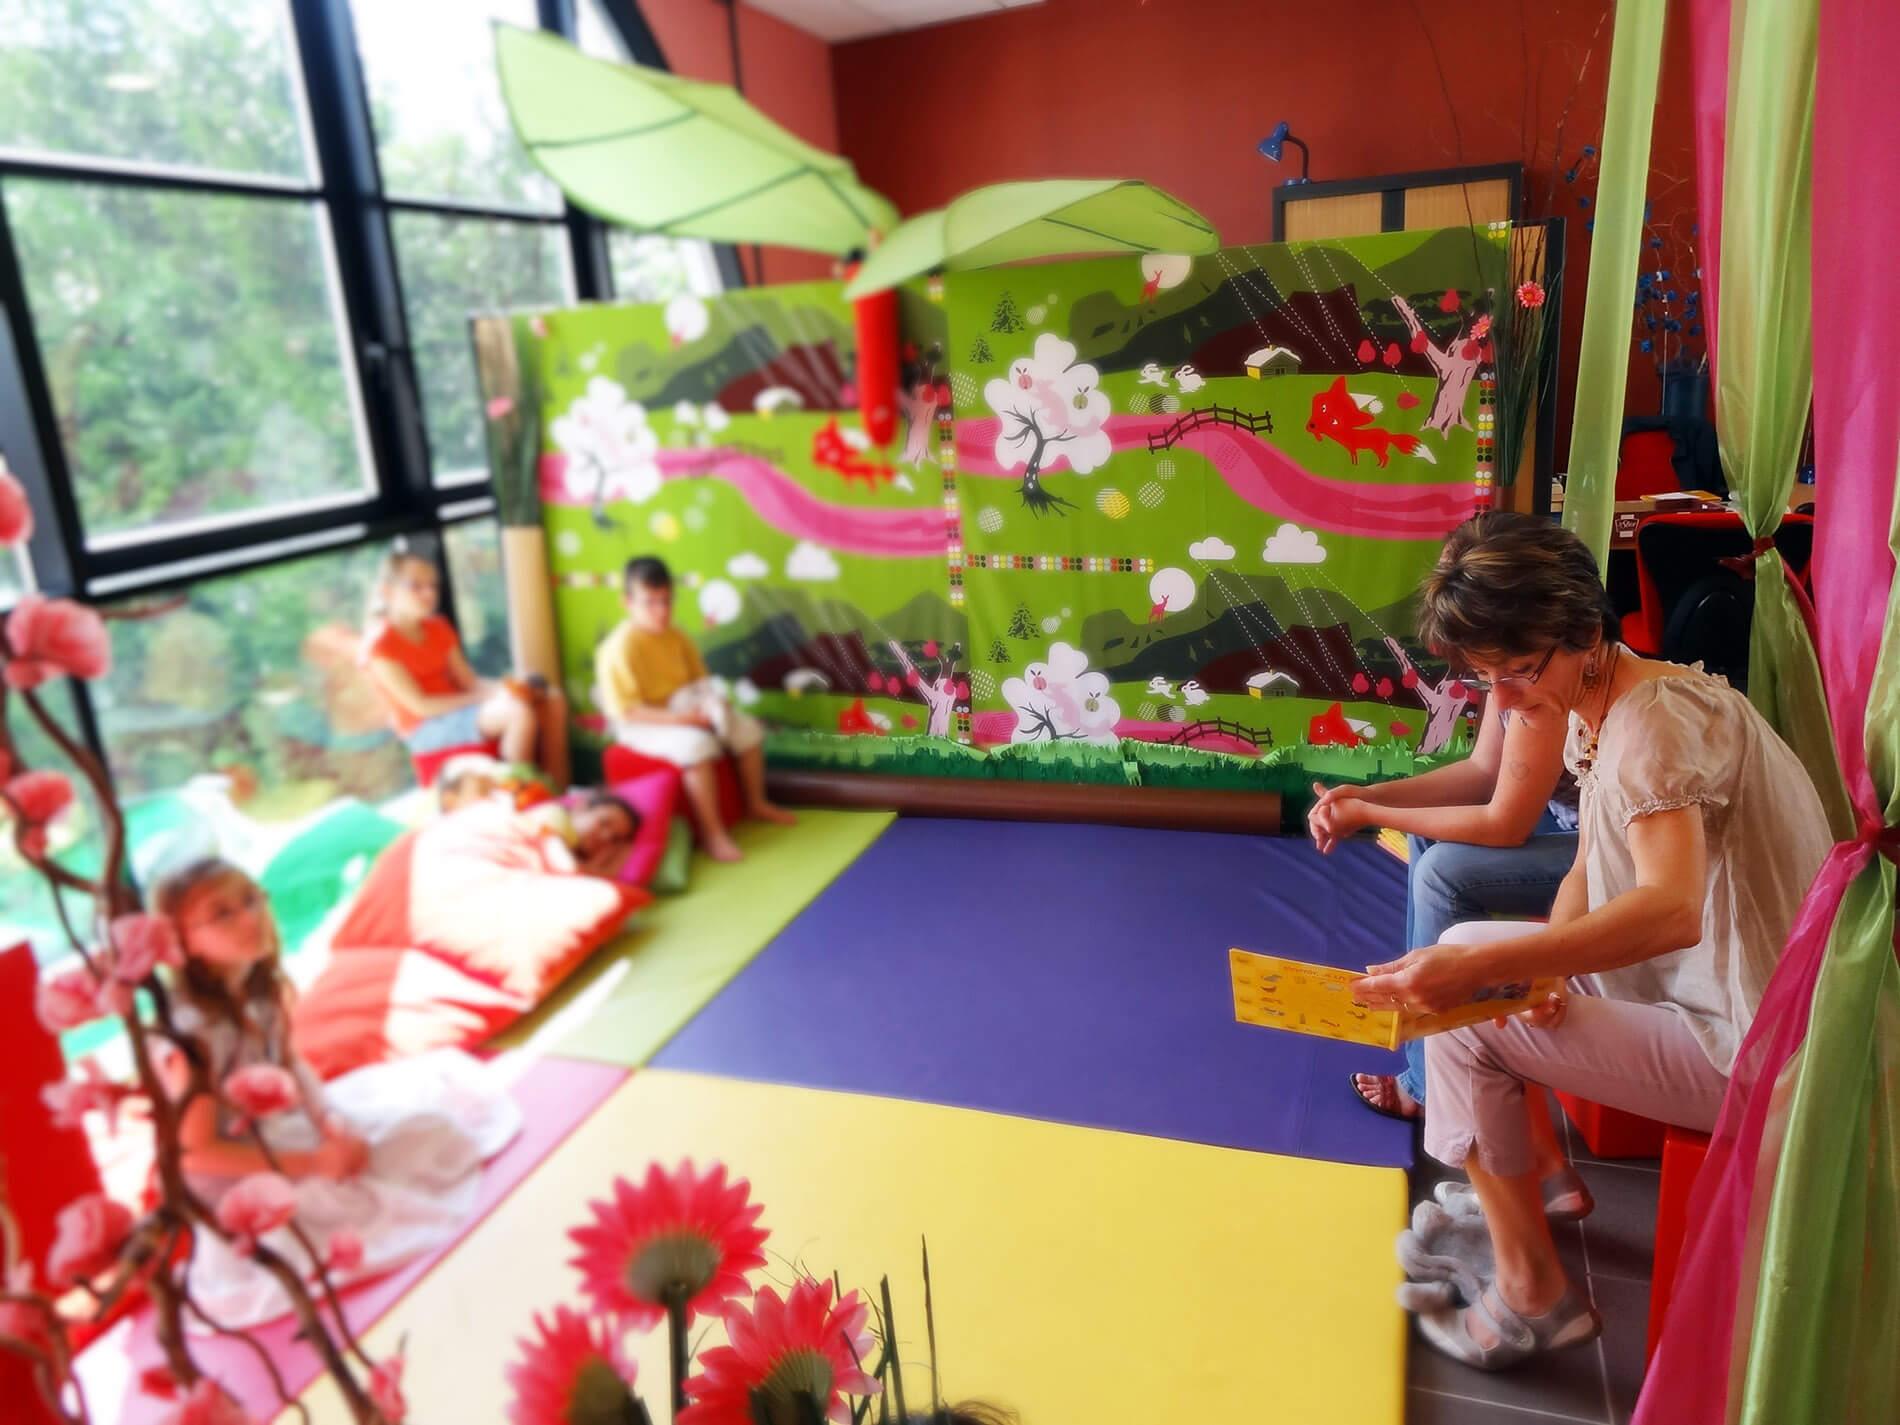 mediatheque-genlis-heure-conte-enfants-2012